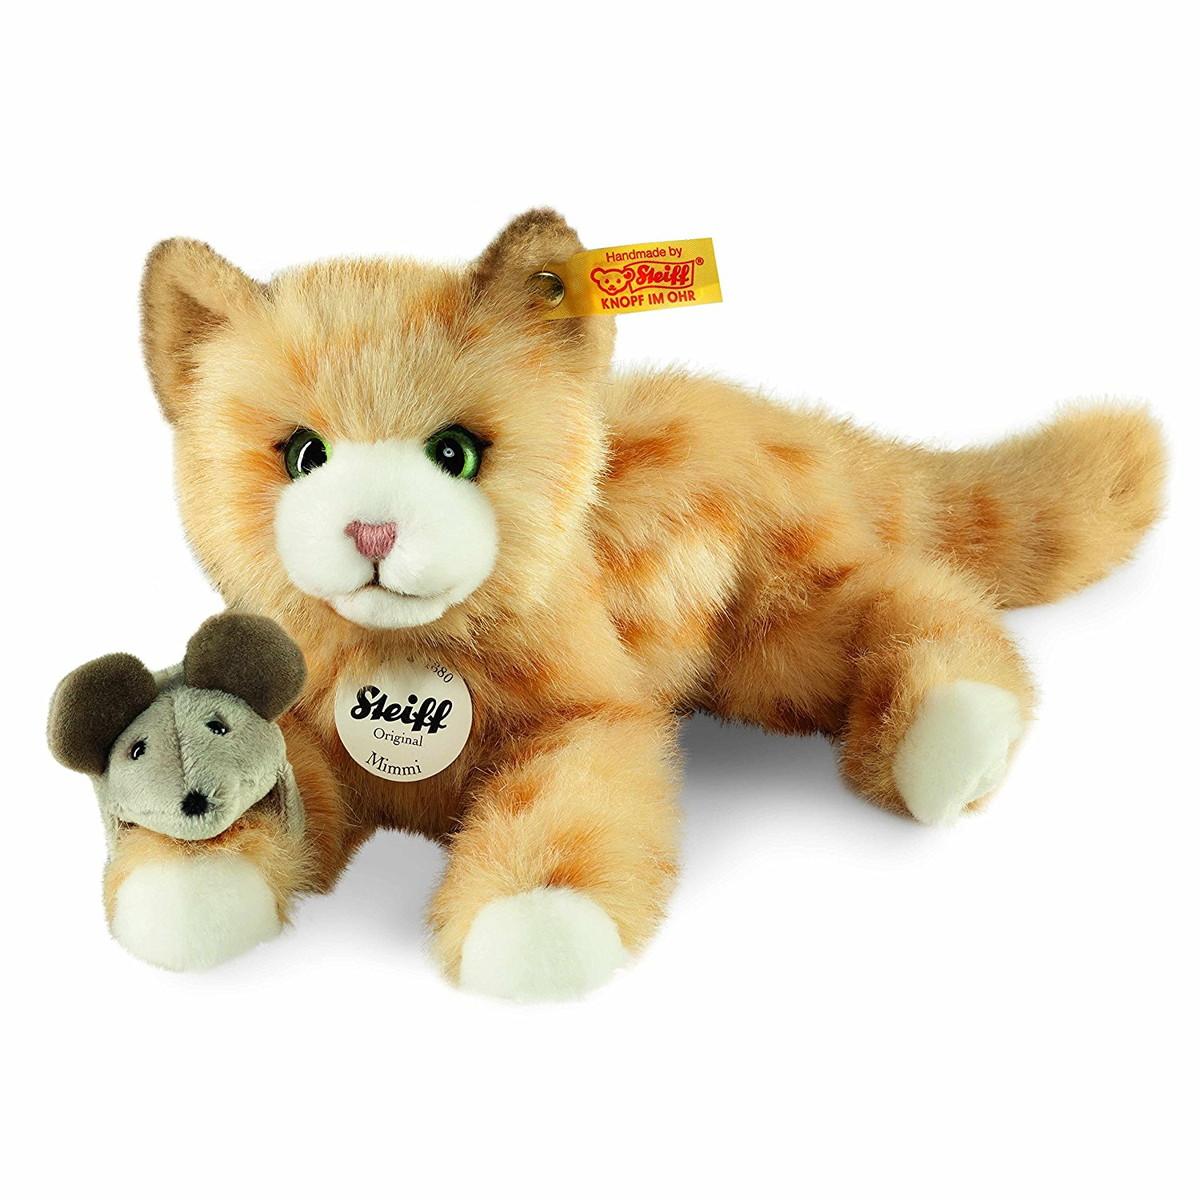 Steiff シュタイフ Mimmi 猫 ネコ ぶち猫 とら猫 キャット 癒し ぬいぐるみ 人形 かわいい 【通常便なら送料無料】